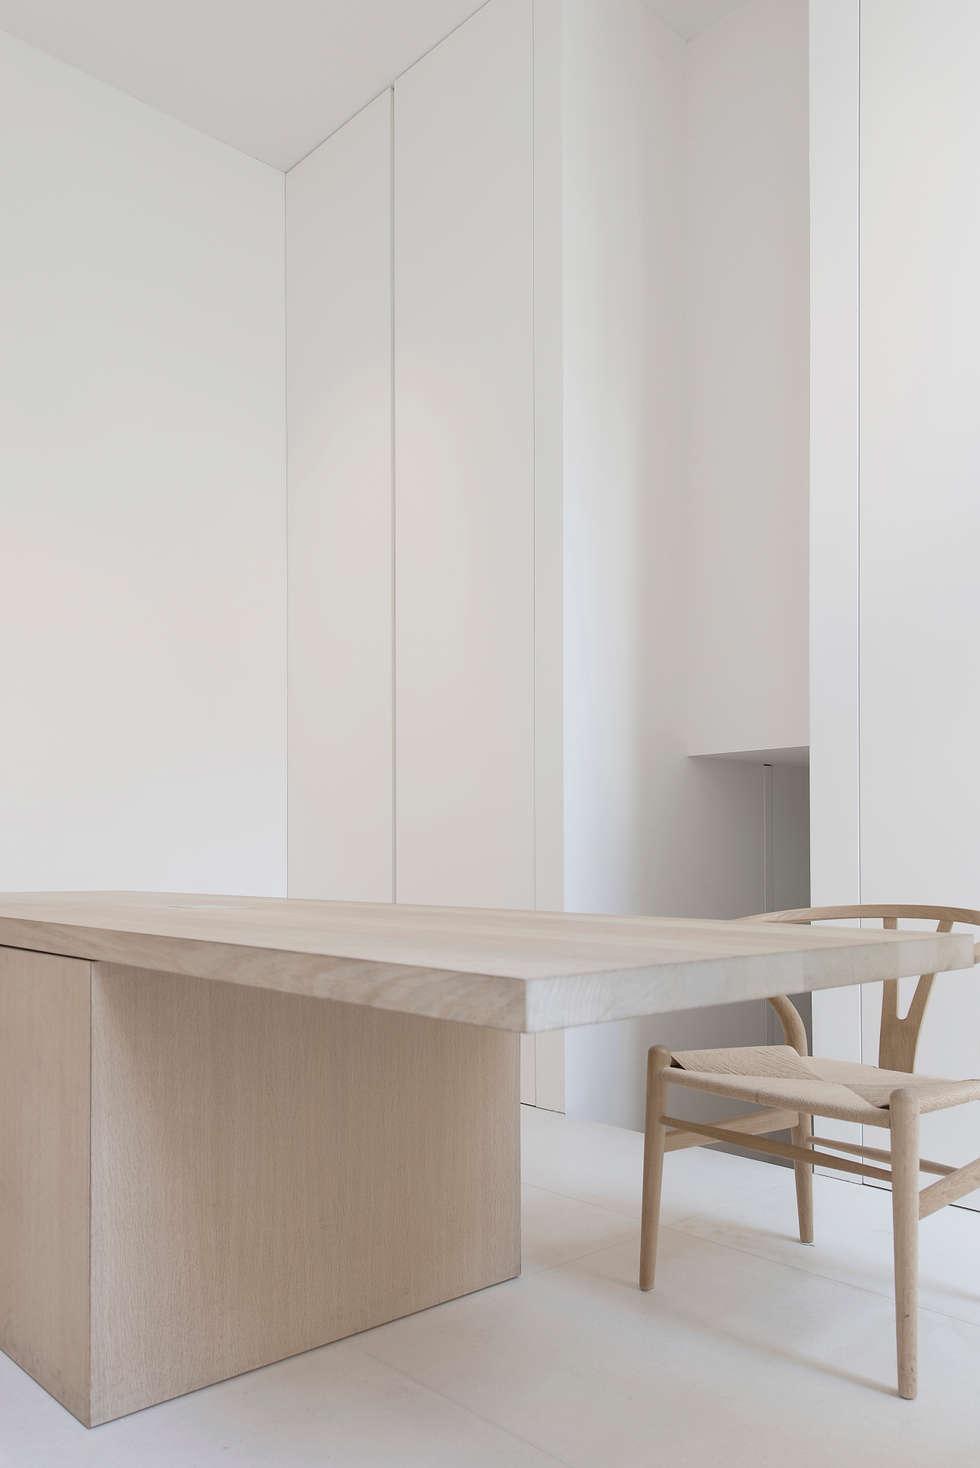 Oficinas de estilo minimalista por Jen Alkema architect